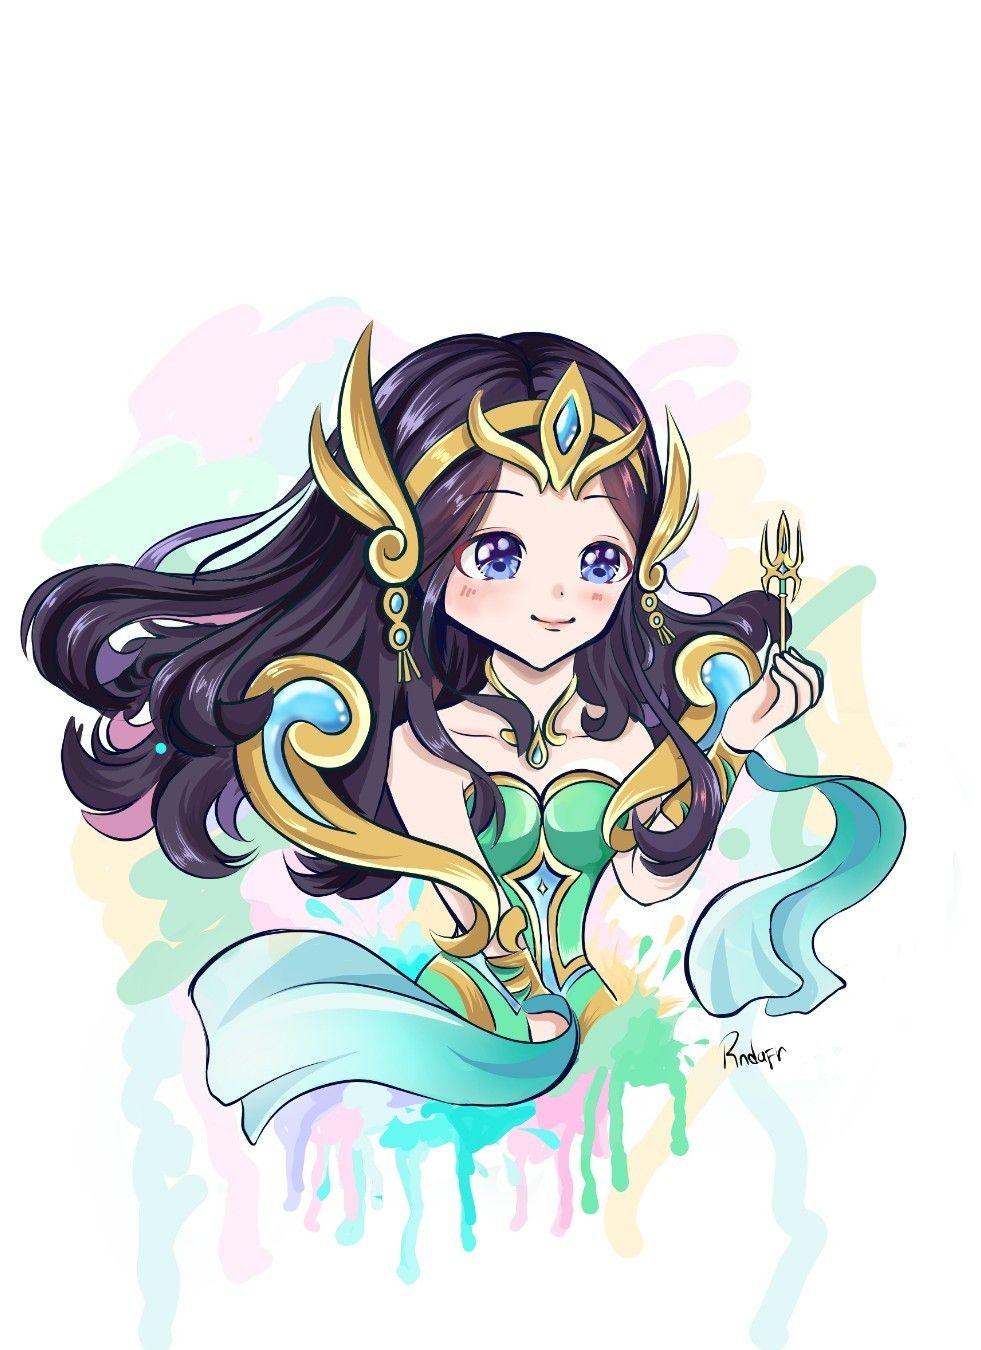 Fanart Kadita Mlbb Animasi Gambar Manga Desain Karakter Game